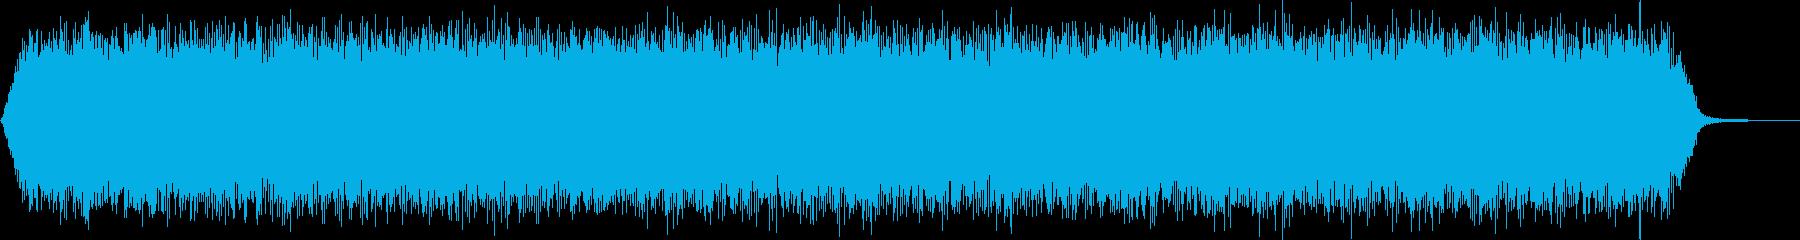 【アンビエント】ドローン_31 実験音の再生済みの波形